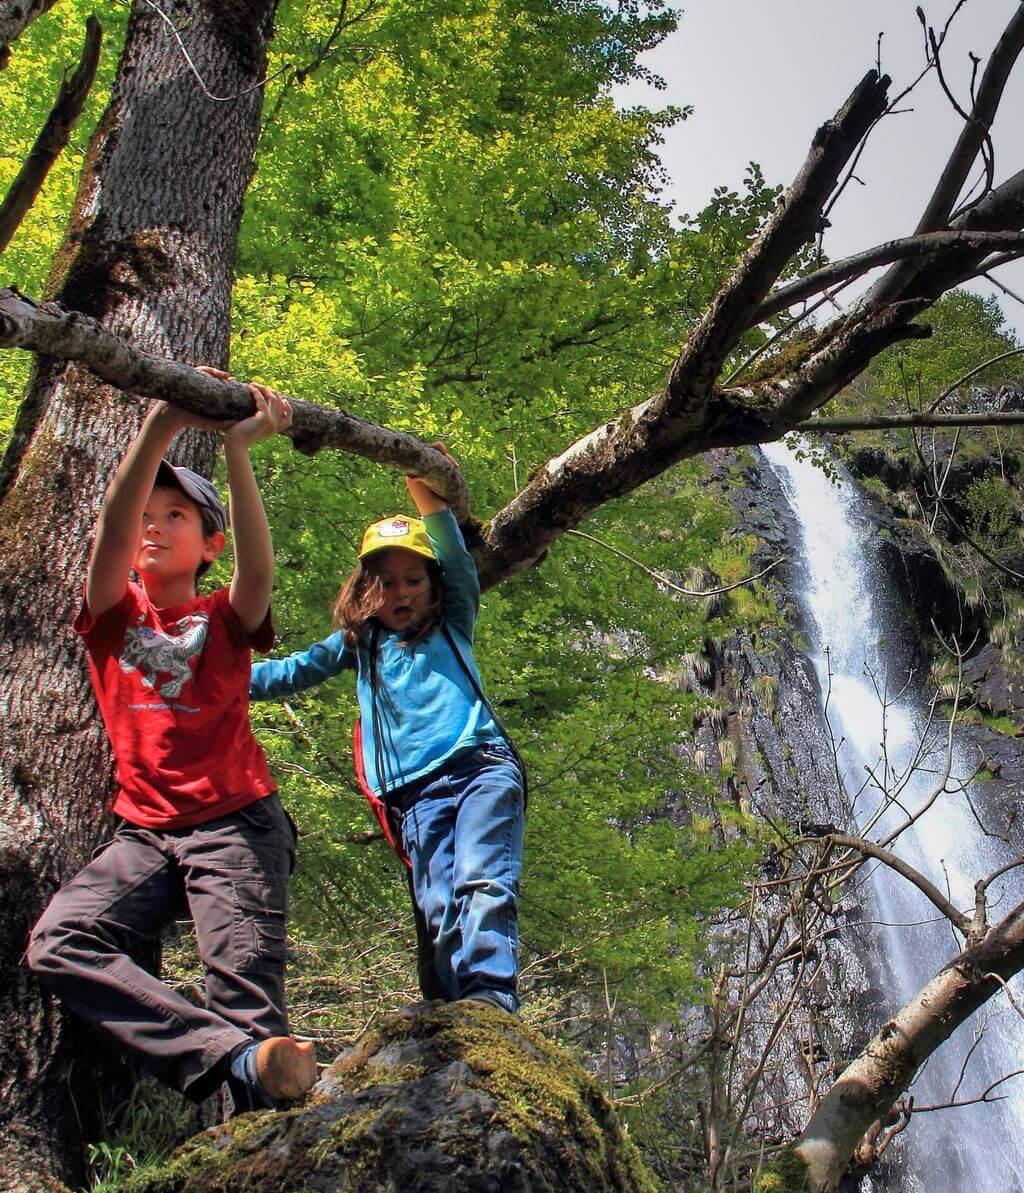 enfants en auvergne près d'une cascade